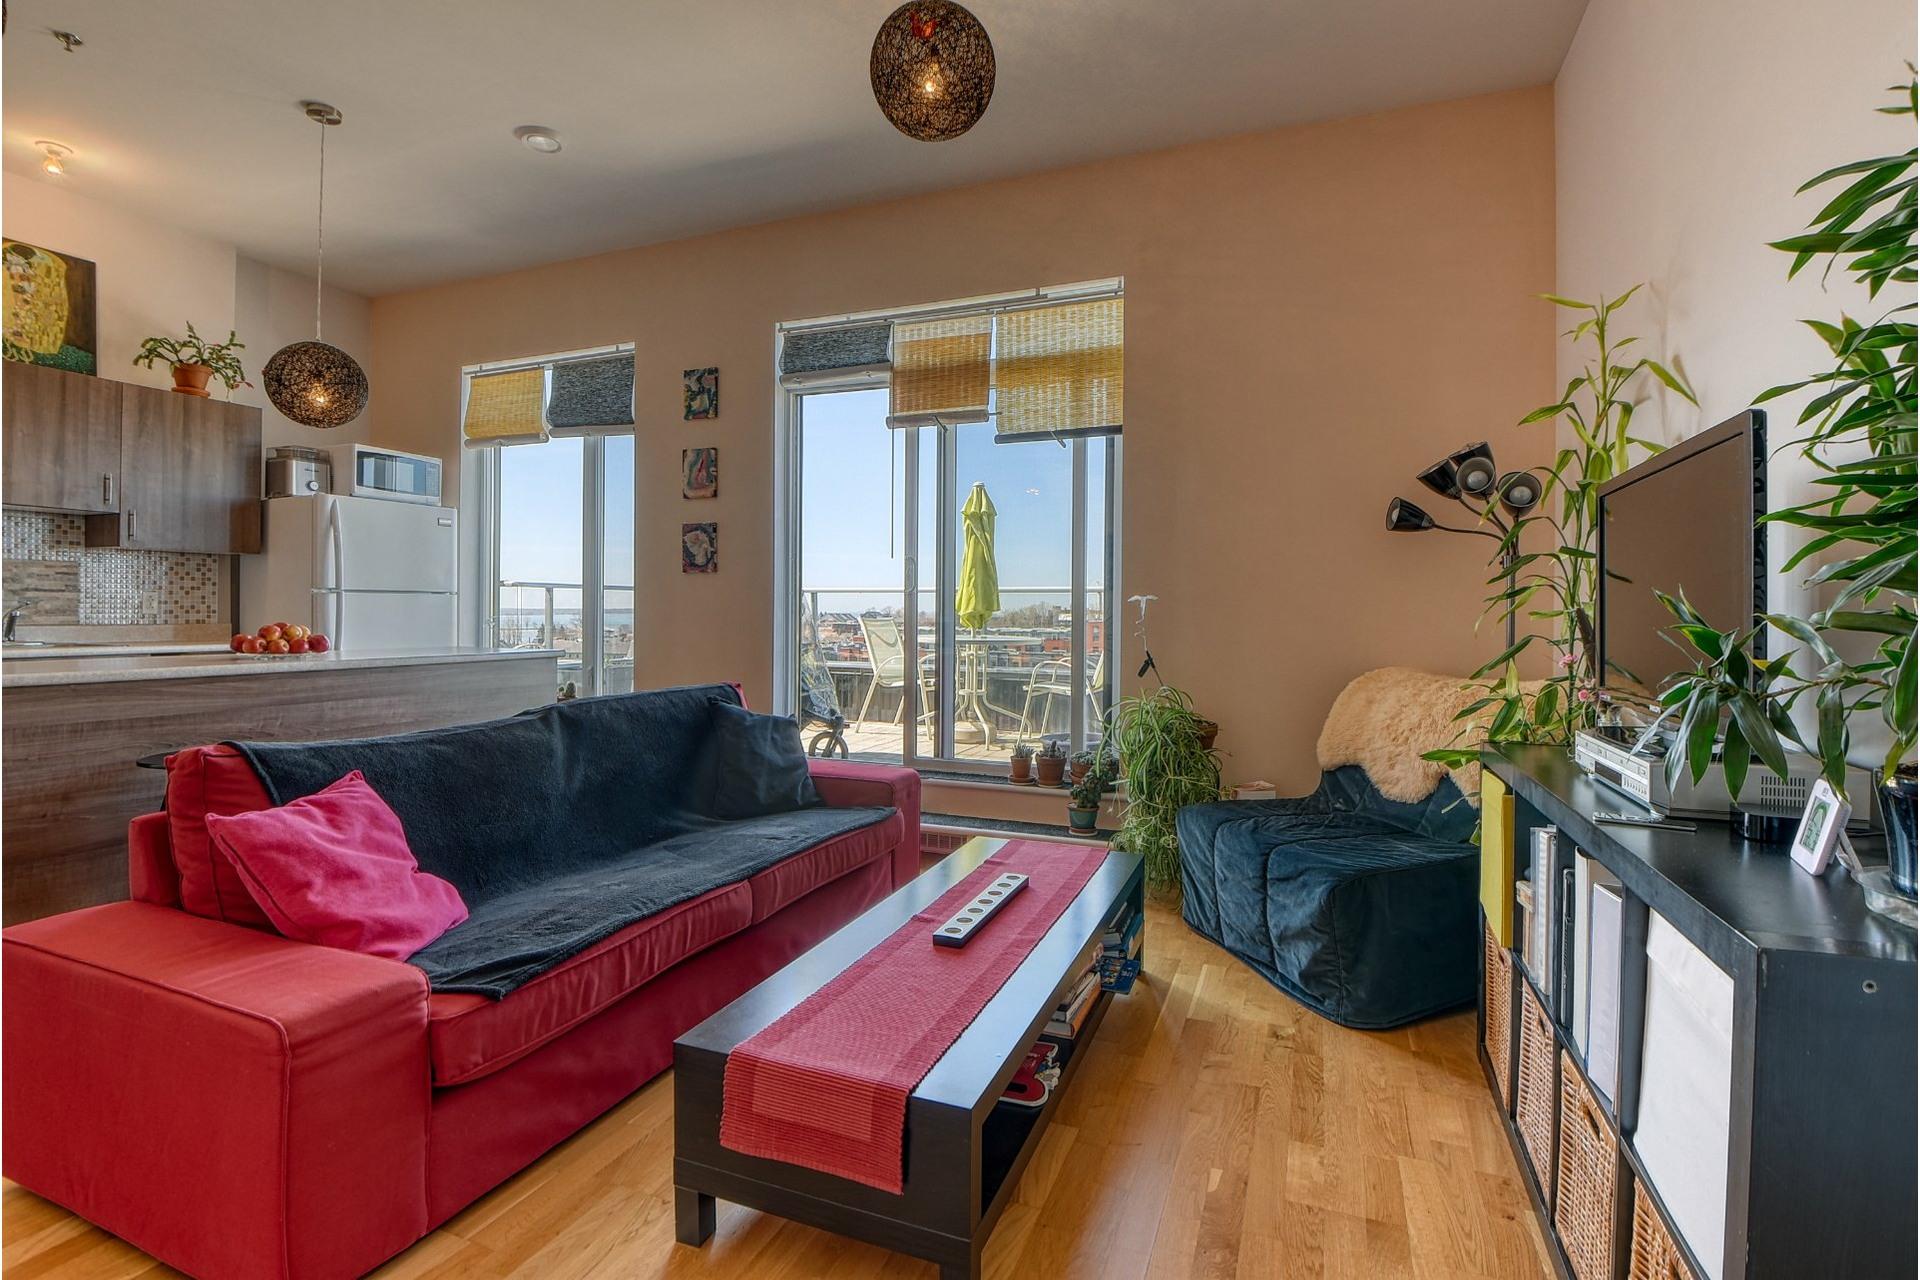 image 3 - Appartement À vendre Lachine Montréal  - 6 pièces